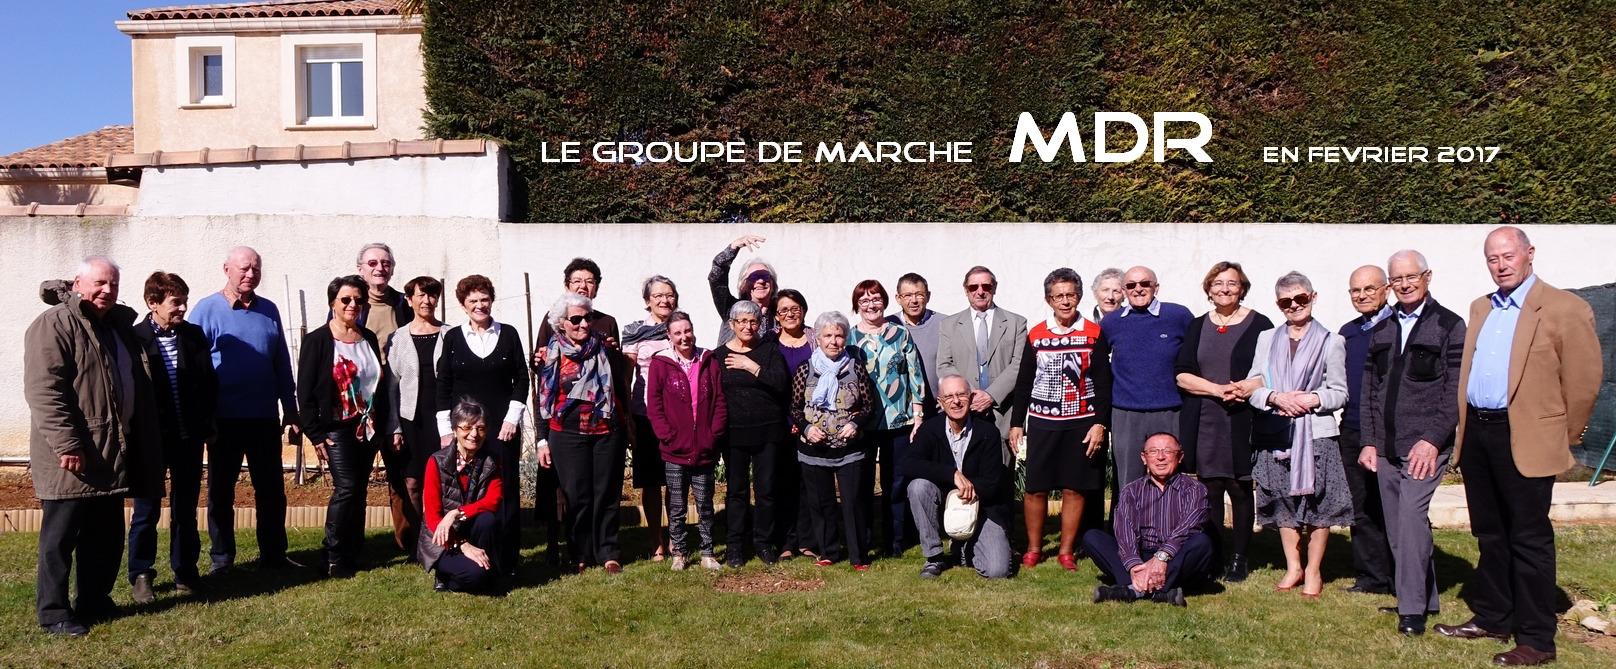 groupe  MDR  : Marche-Donnez-et-Randonnez de Lunel